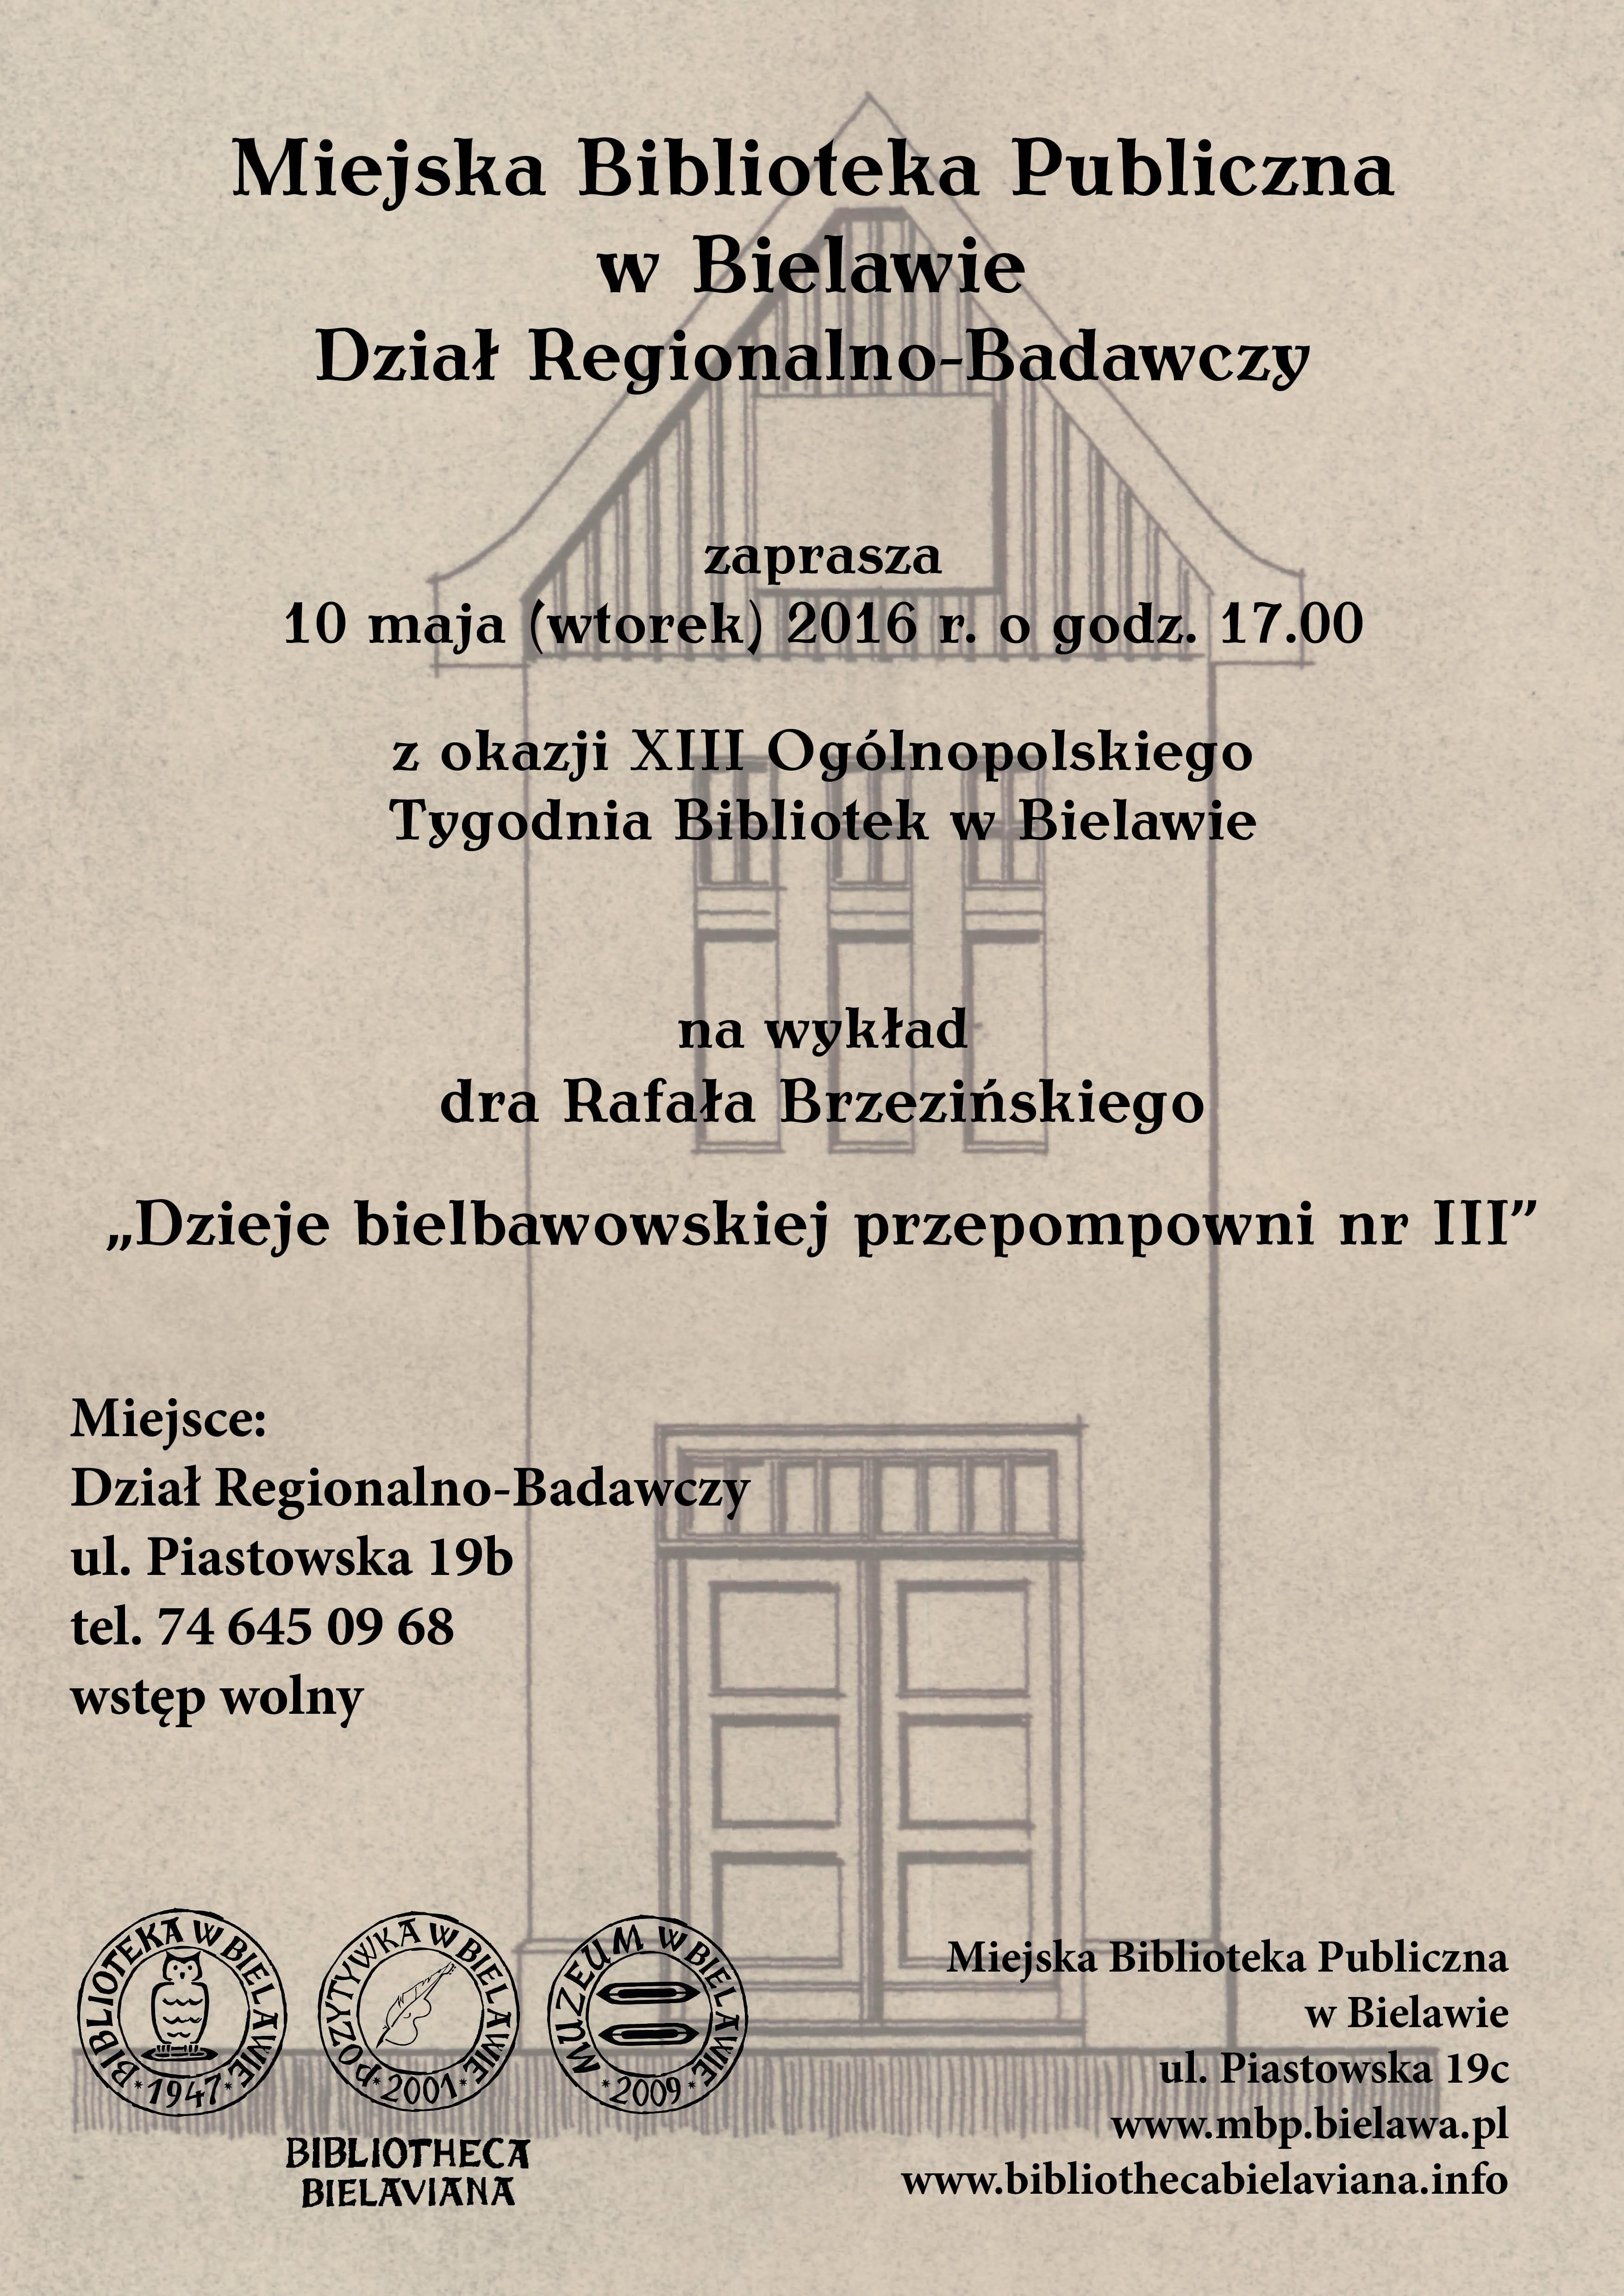 Wykład dr Rafał Brzeziński Bielawa BIbliotheca Bielaviana